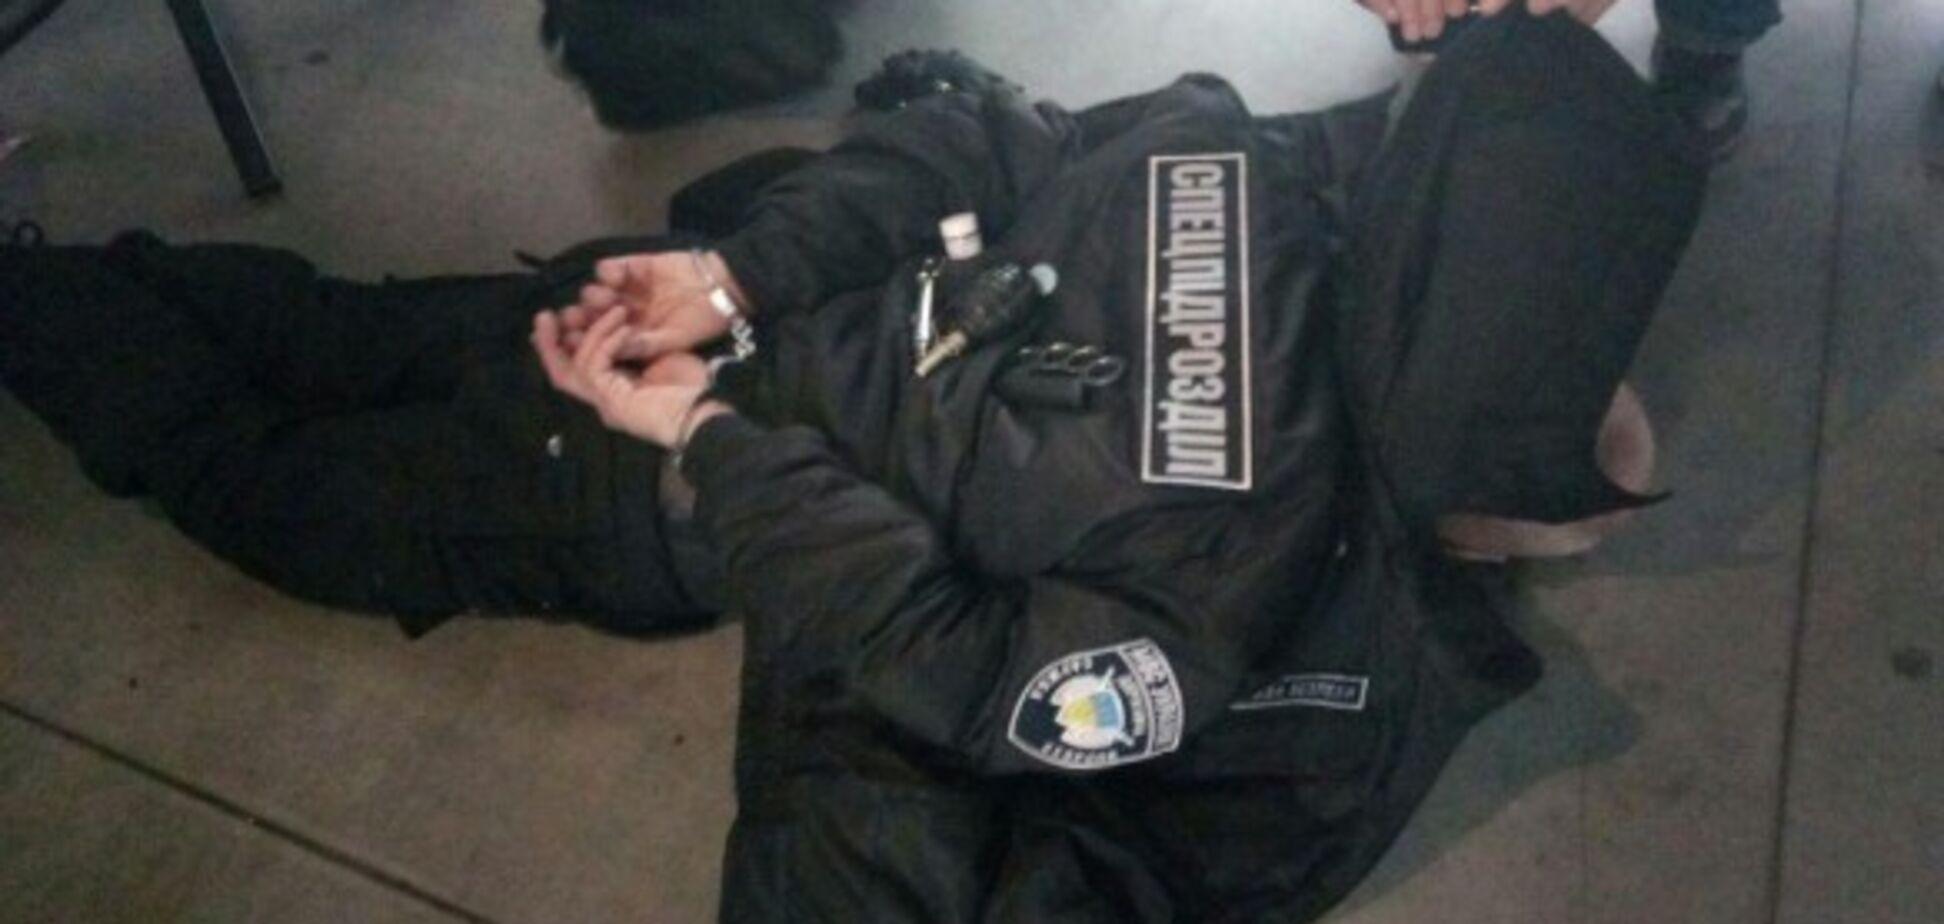 Задержание диверсанта из РФ в Киеве: нардеп подтвердил попытку теракта против себя